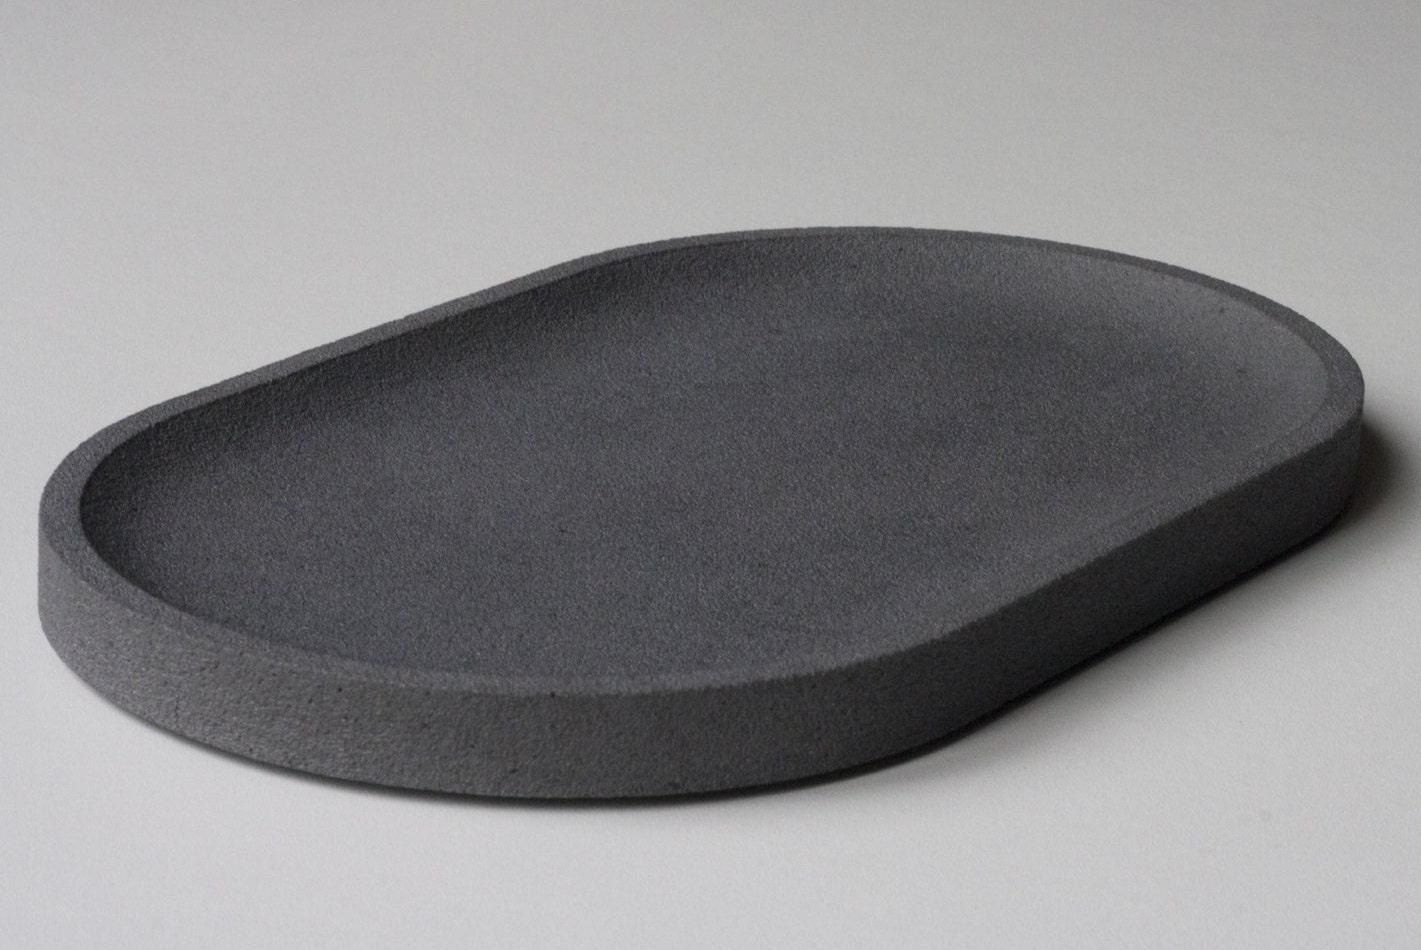 plateau ovale en b ton noir de vigne vide poche en b ton. Black Bedroom Furniture Sets. Home Design Ideas